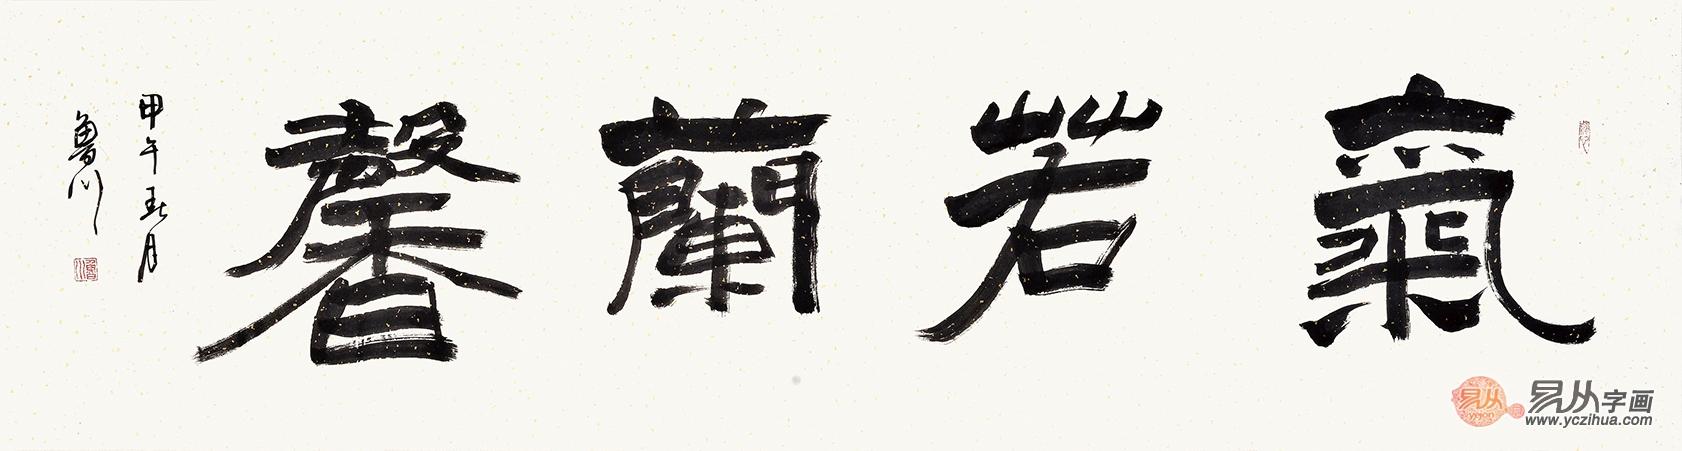 鲁川六尺横幅四字隶书书法作品《气若兰馨》客厅书房茶楼书法字画